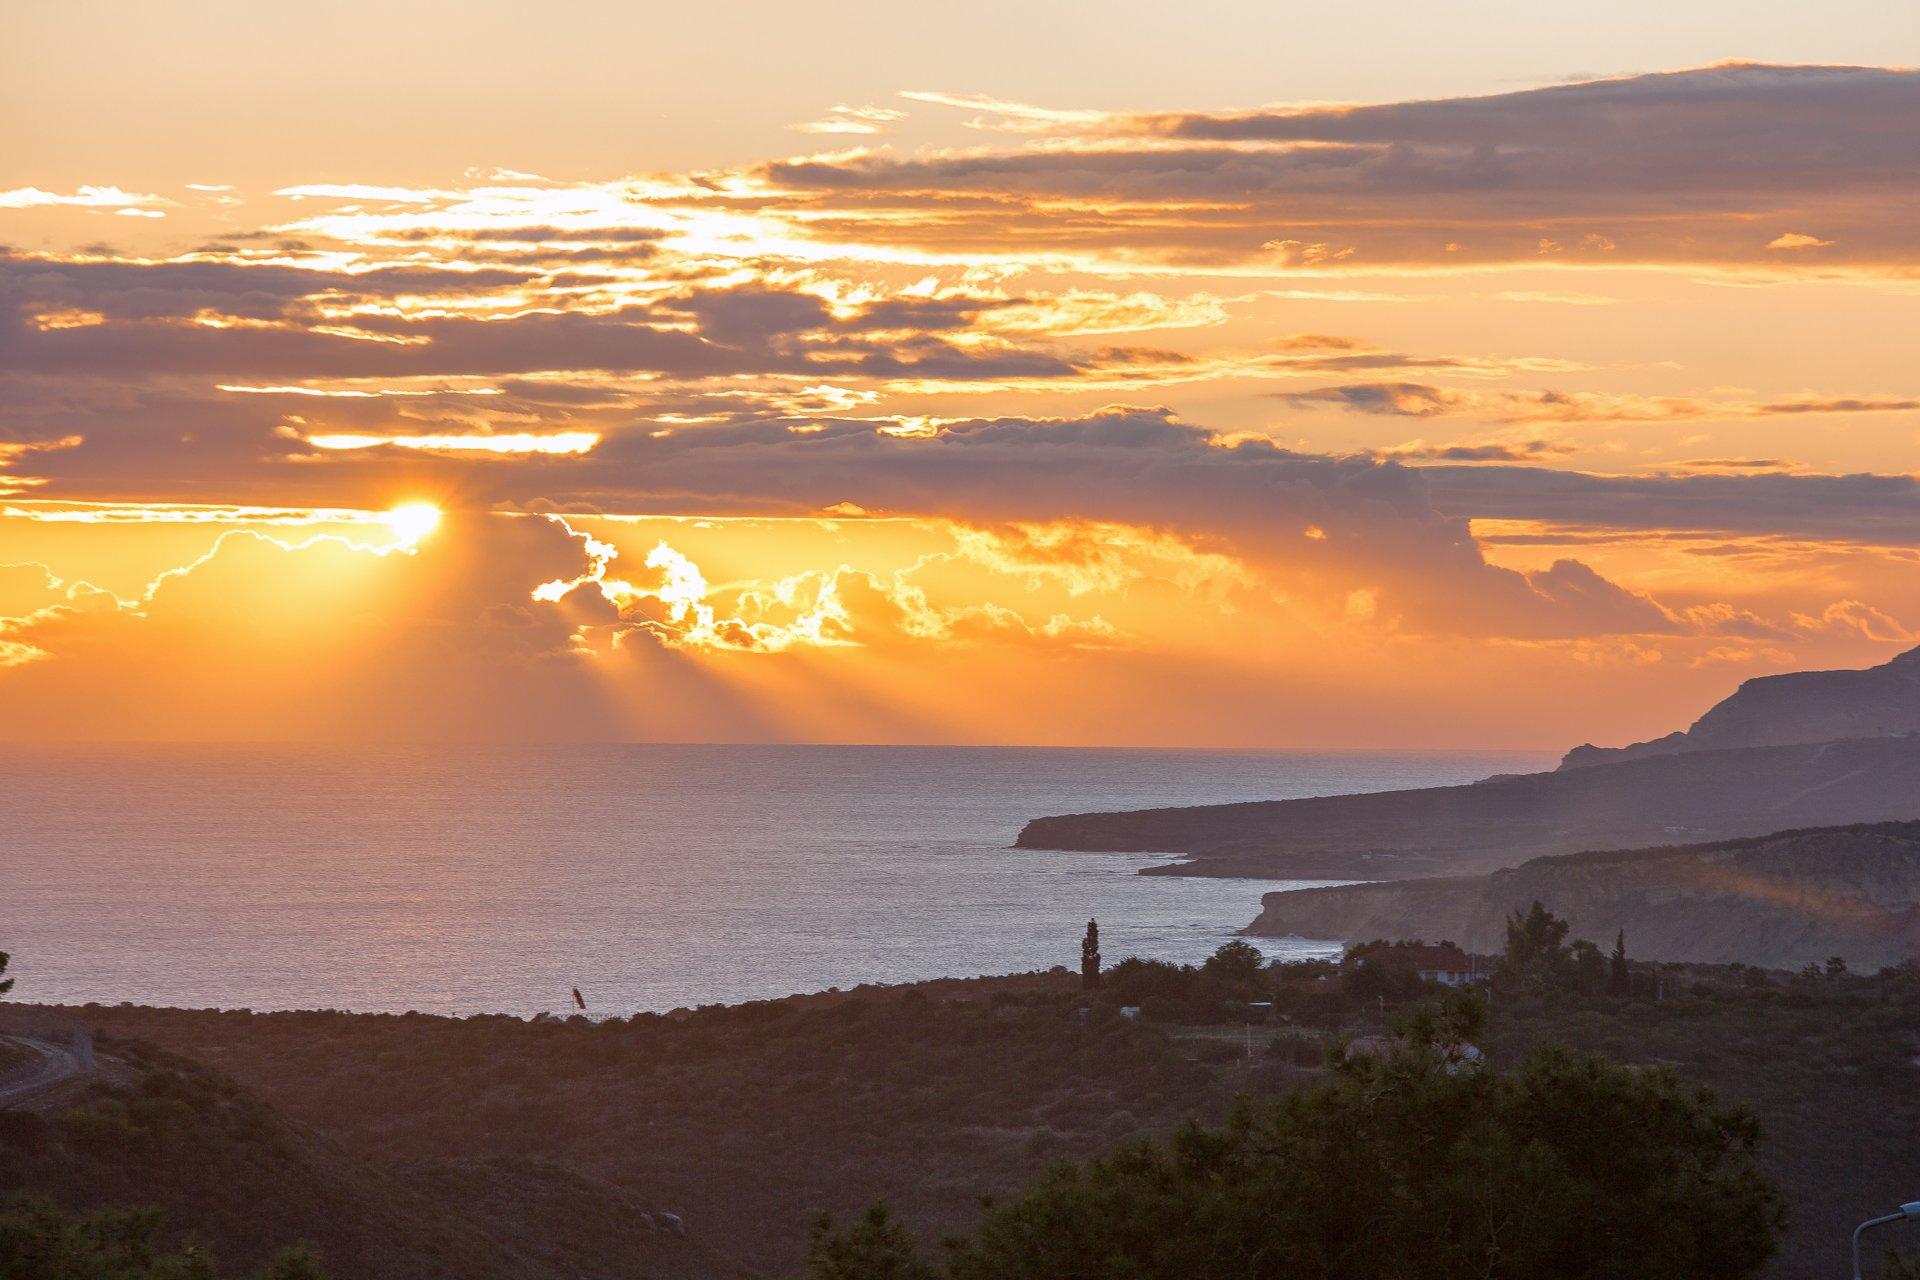 закат, Кипр, солнце, пейзаж, море, горы, вечер, Илья Беленький